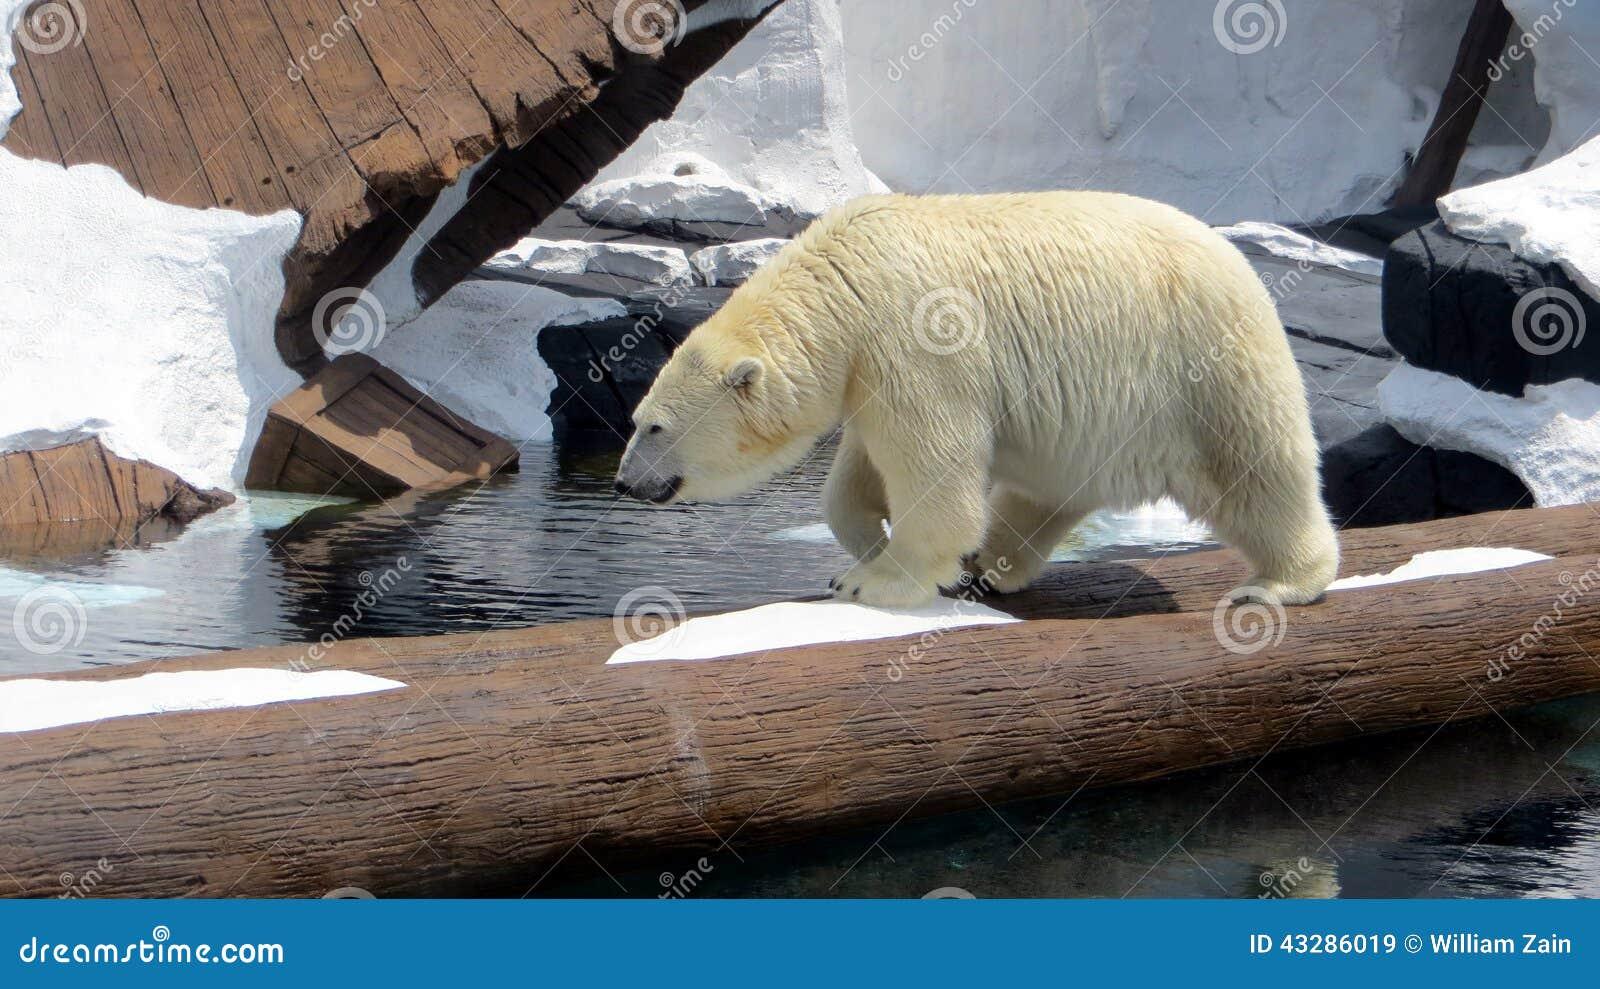 Polar Bear at Seaworld